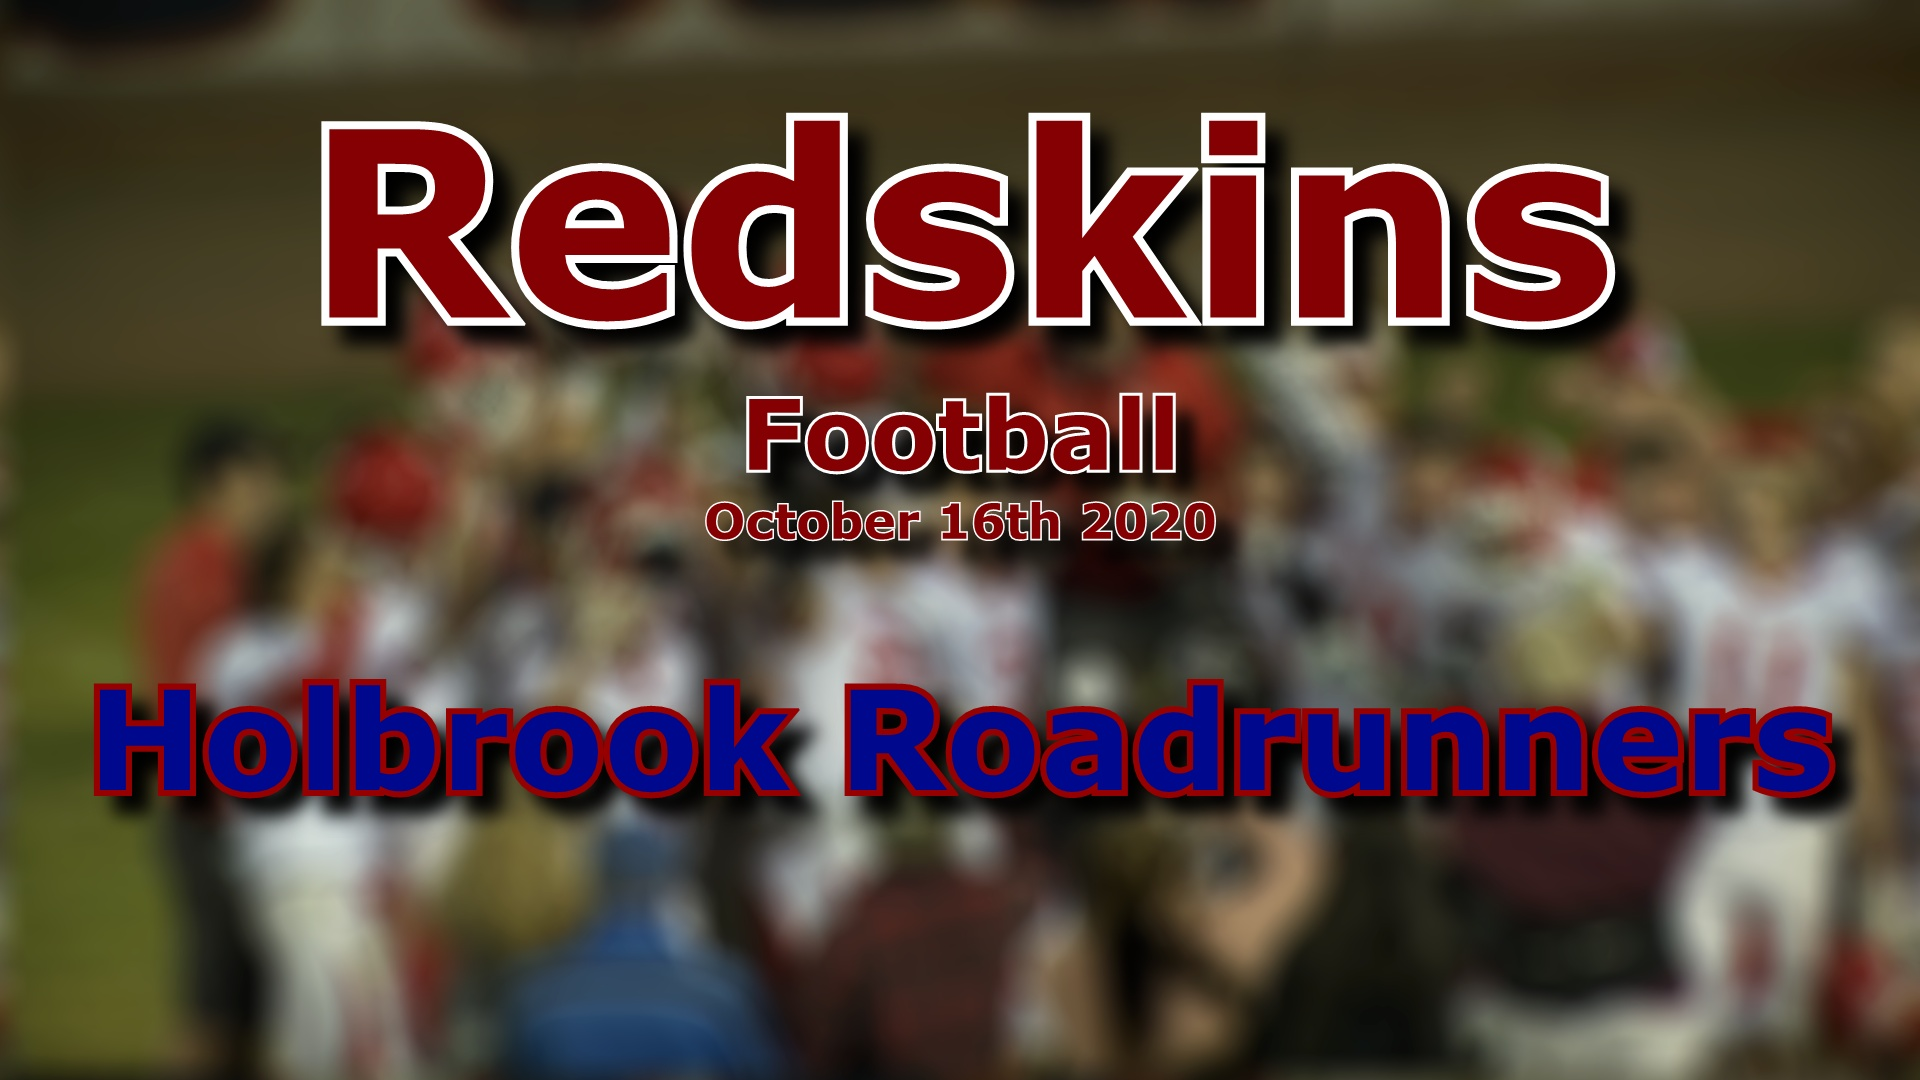 2020 Football - Holbrook